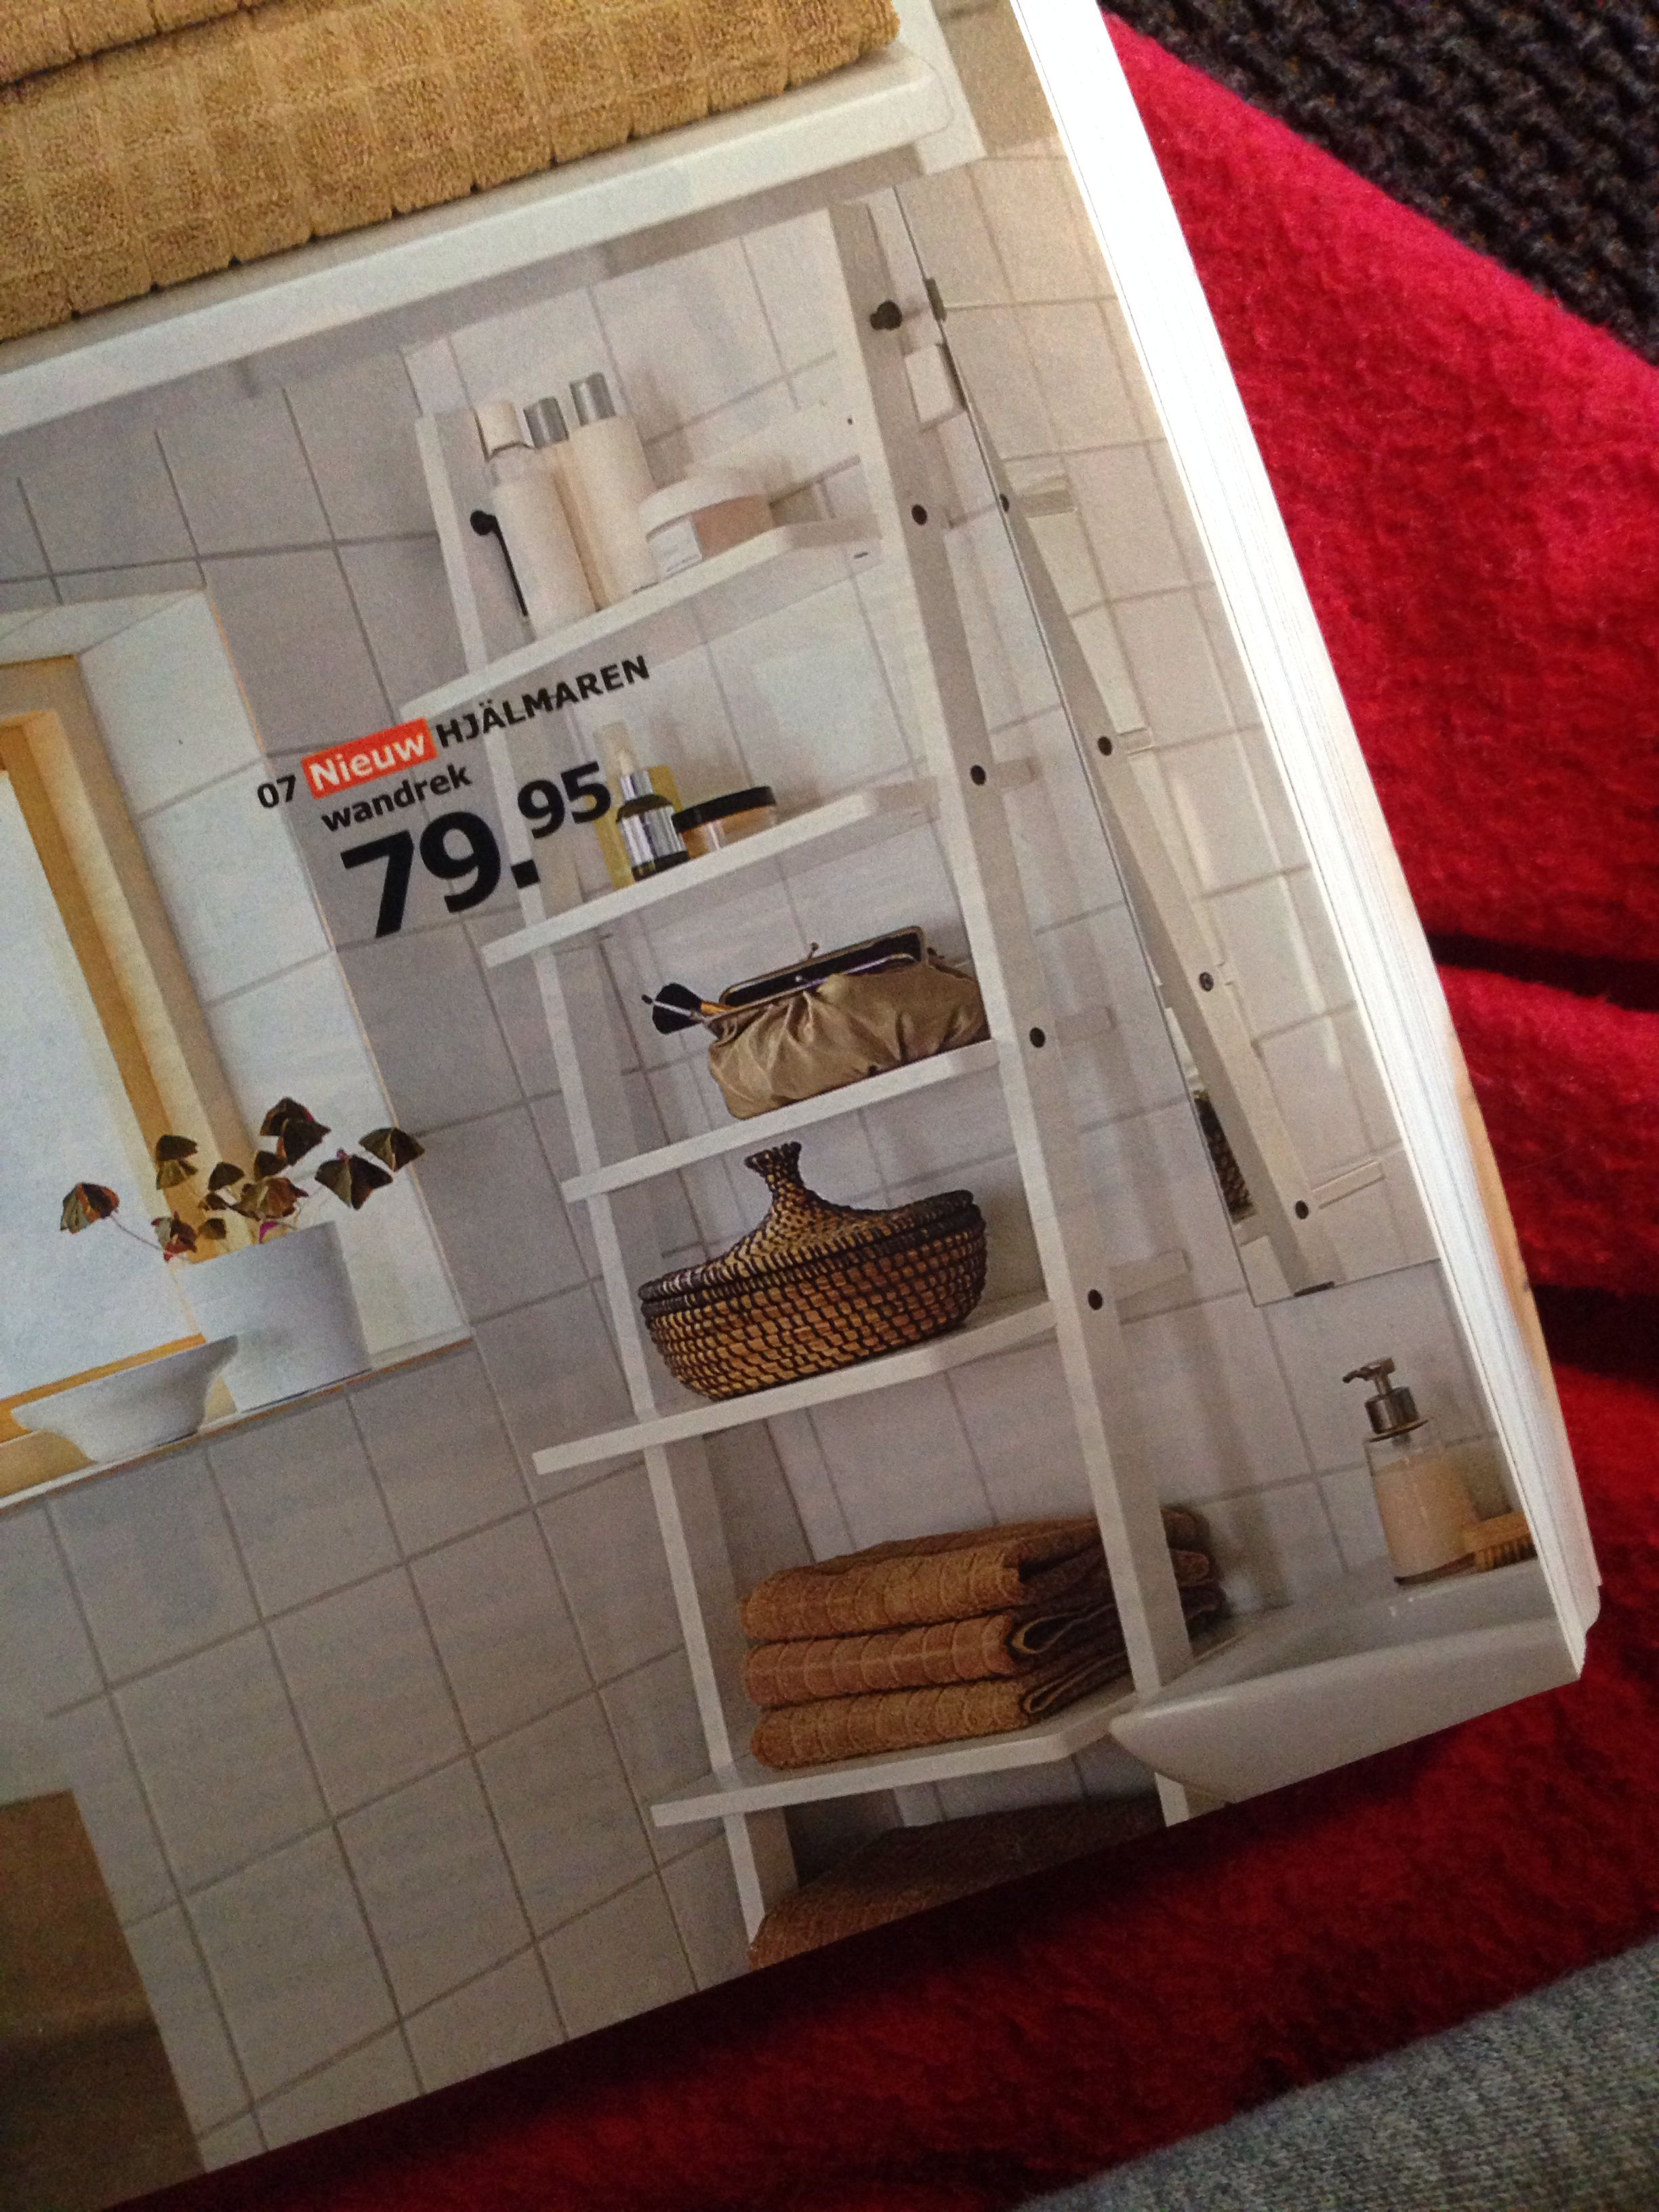 Ladderkast badkamer Ikea | Sfeer in huis | Pinterest